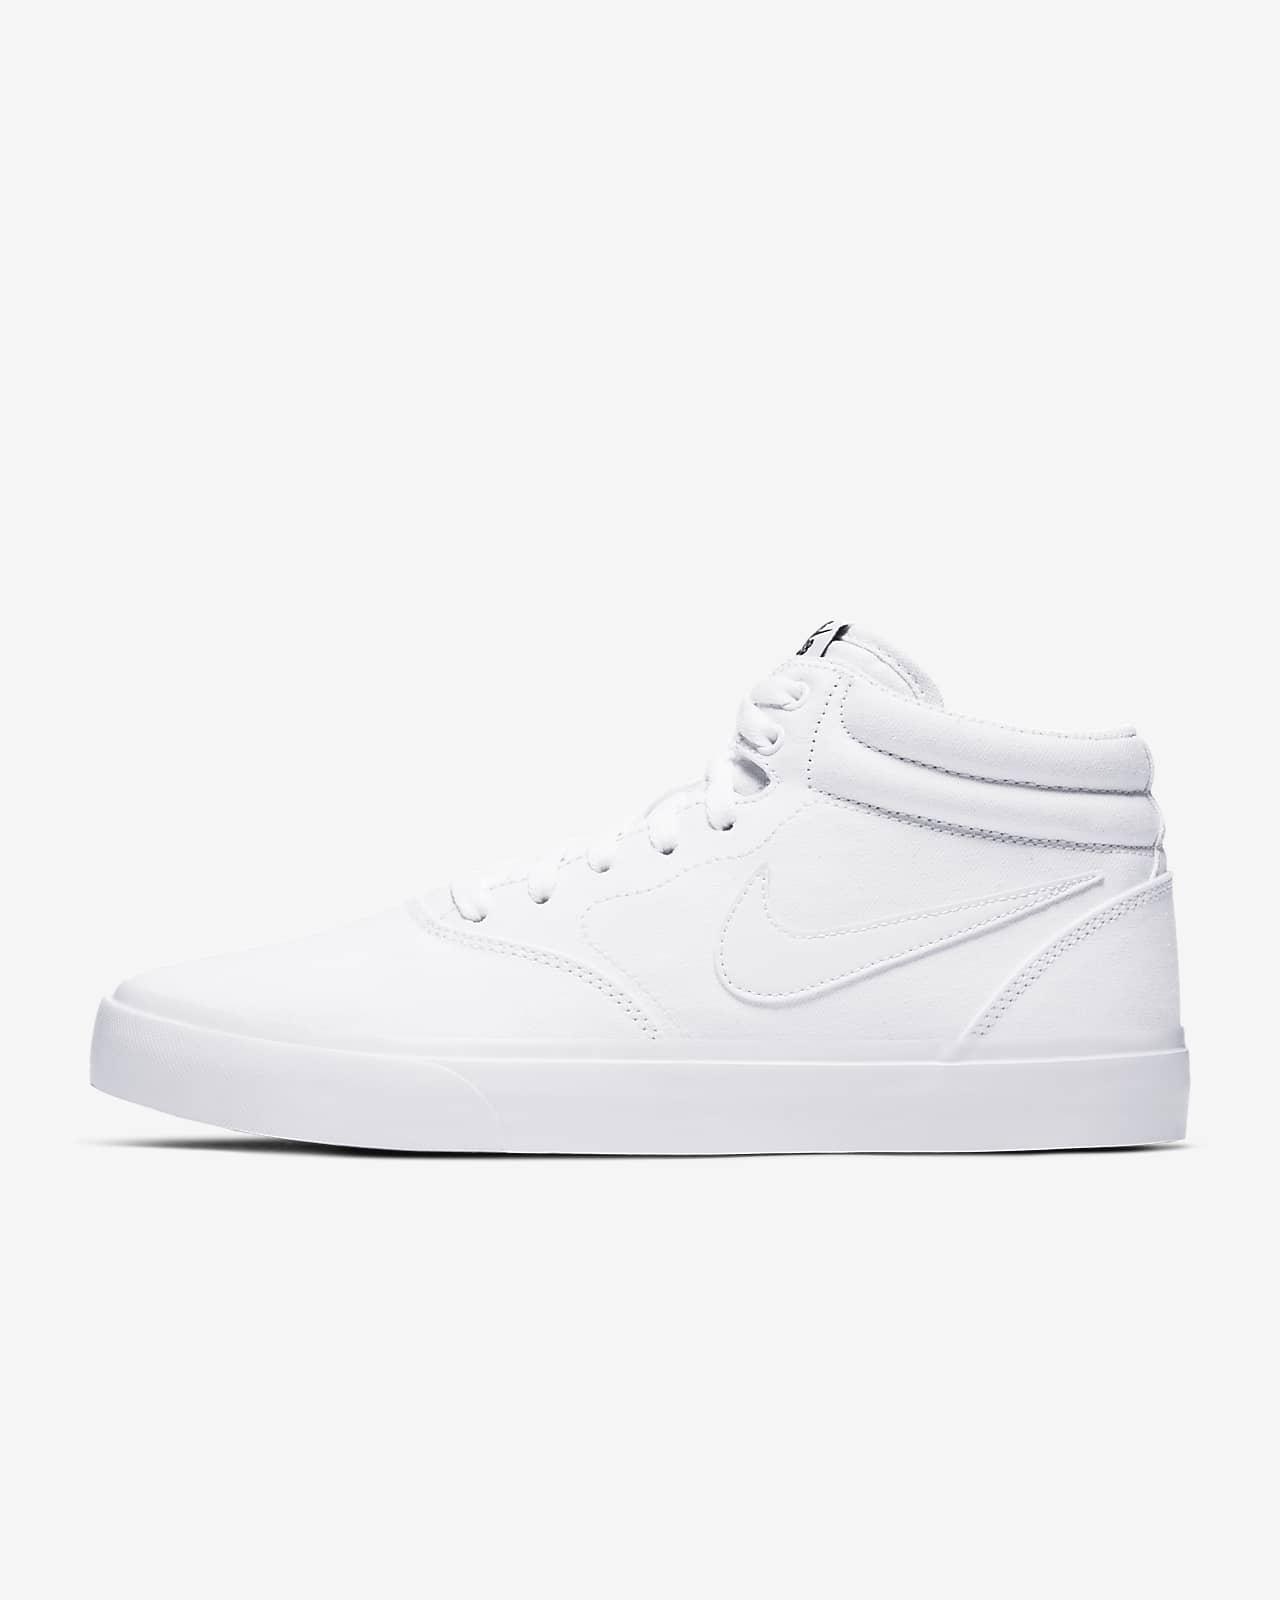 nike sb zapatillas blancas